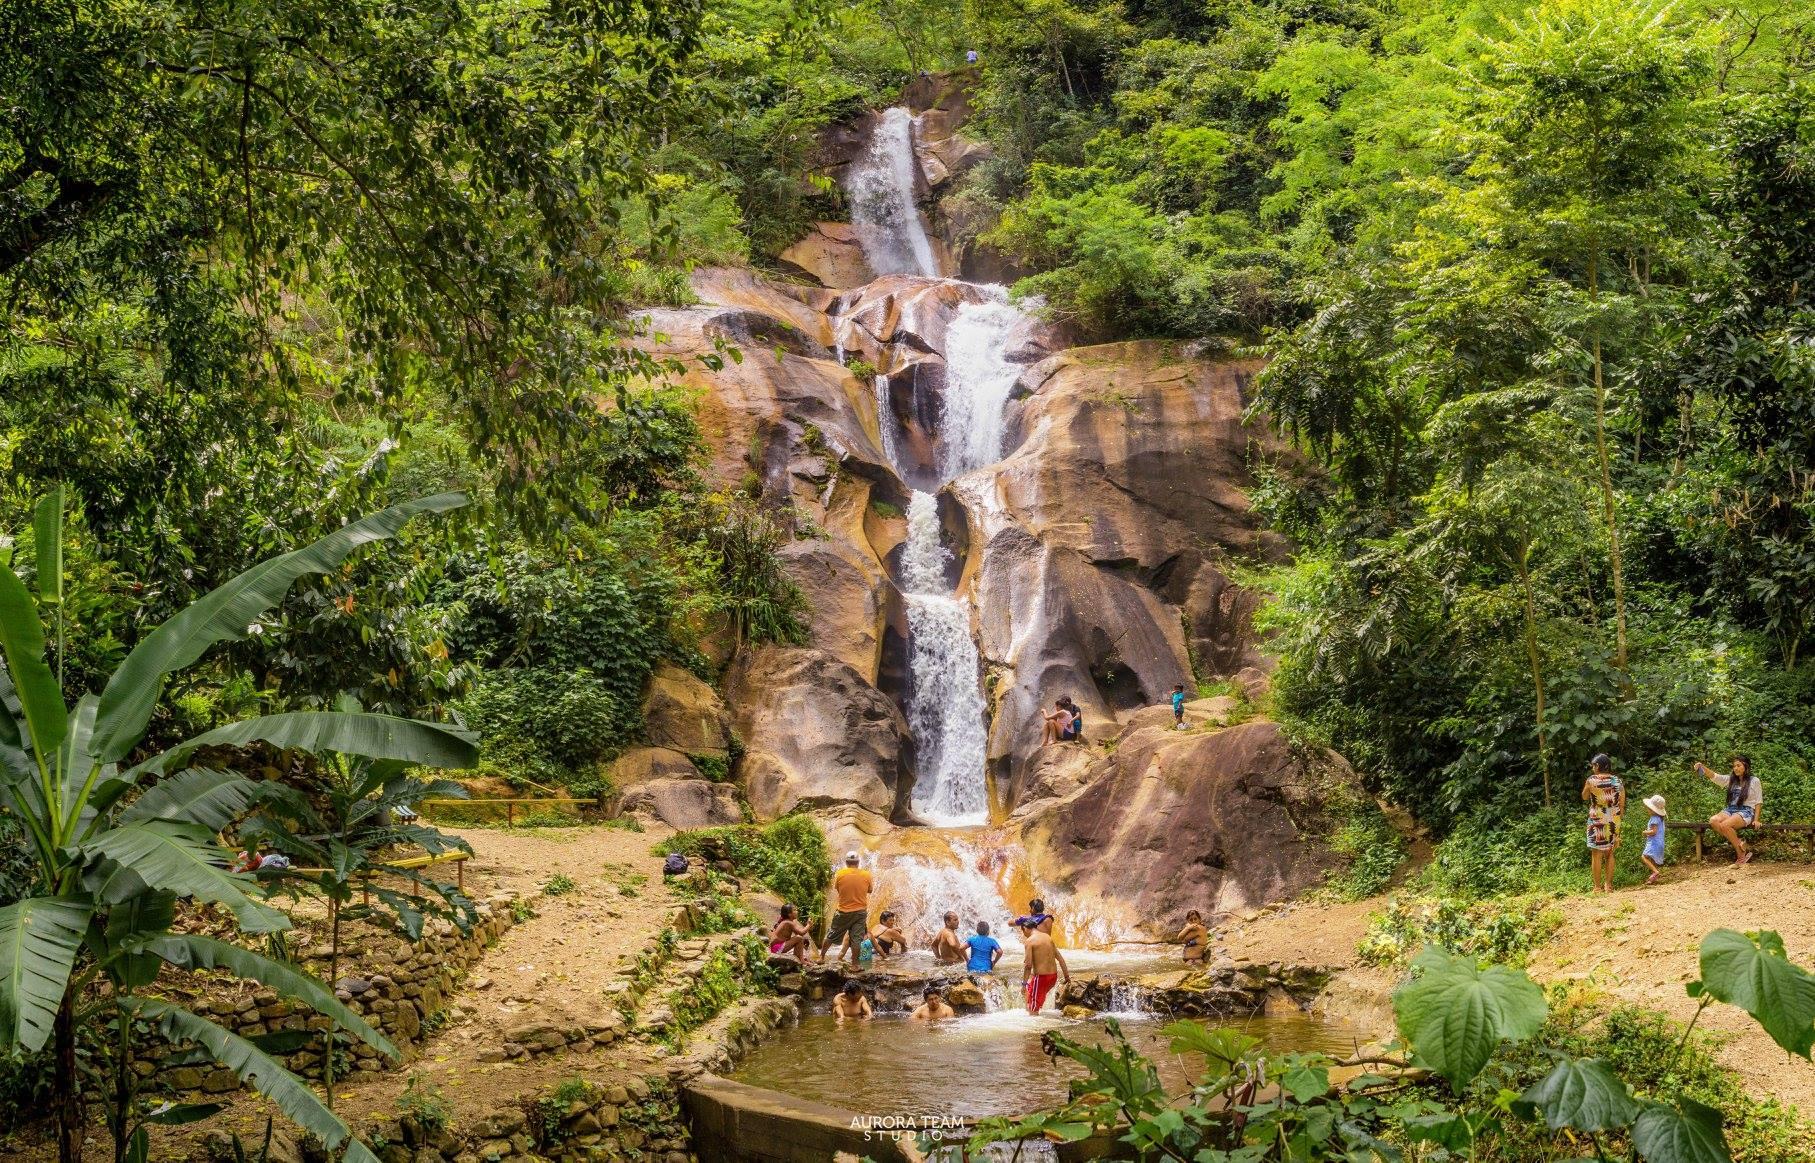 catarata y selva en latinoamérica